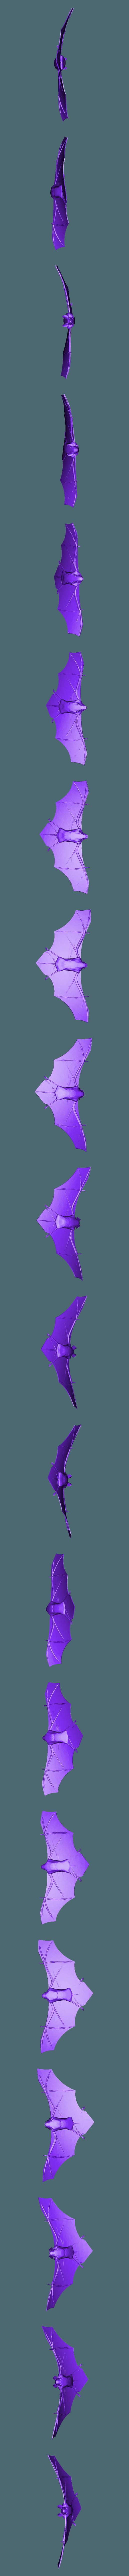 chauve souris.stl Télécharger fichier STL gratuit Pipistrelle • Objet pour imprimante 3D, Jiveur